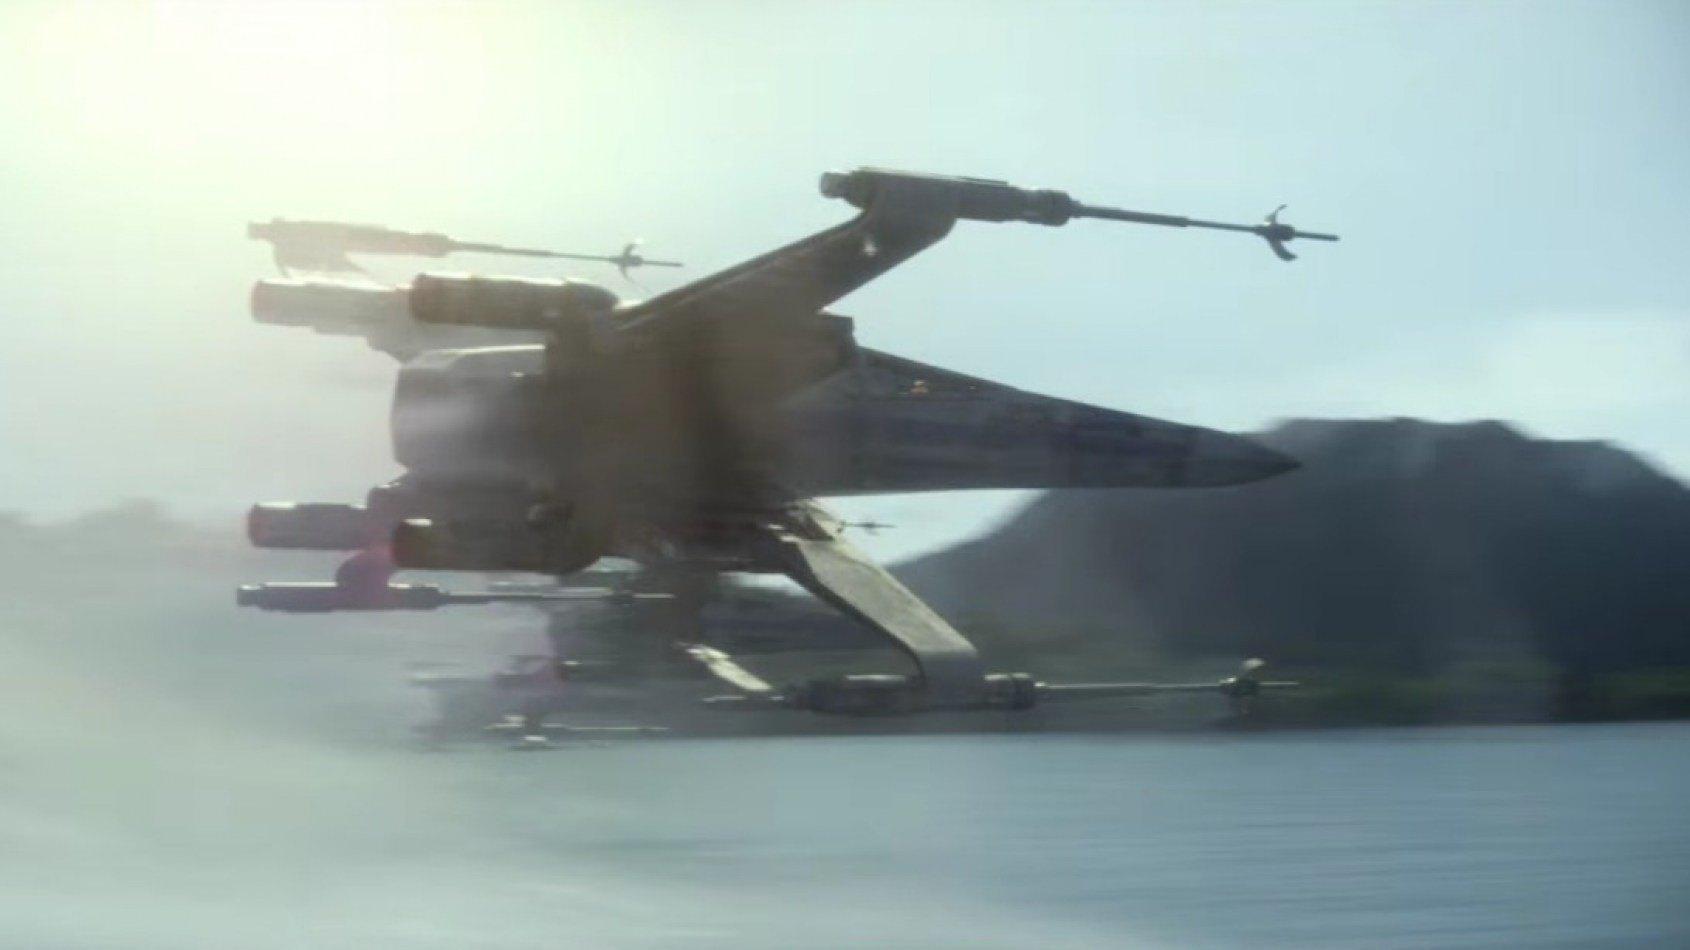 De nouveaux spots TV avec les pilotes de X-Wing et Maz Kanata